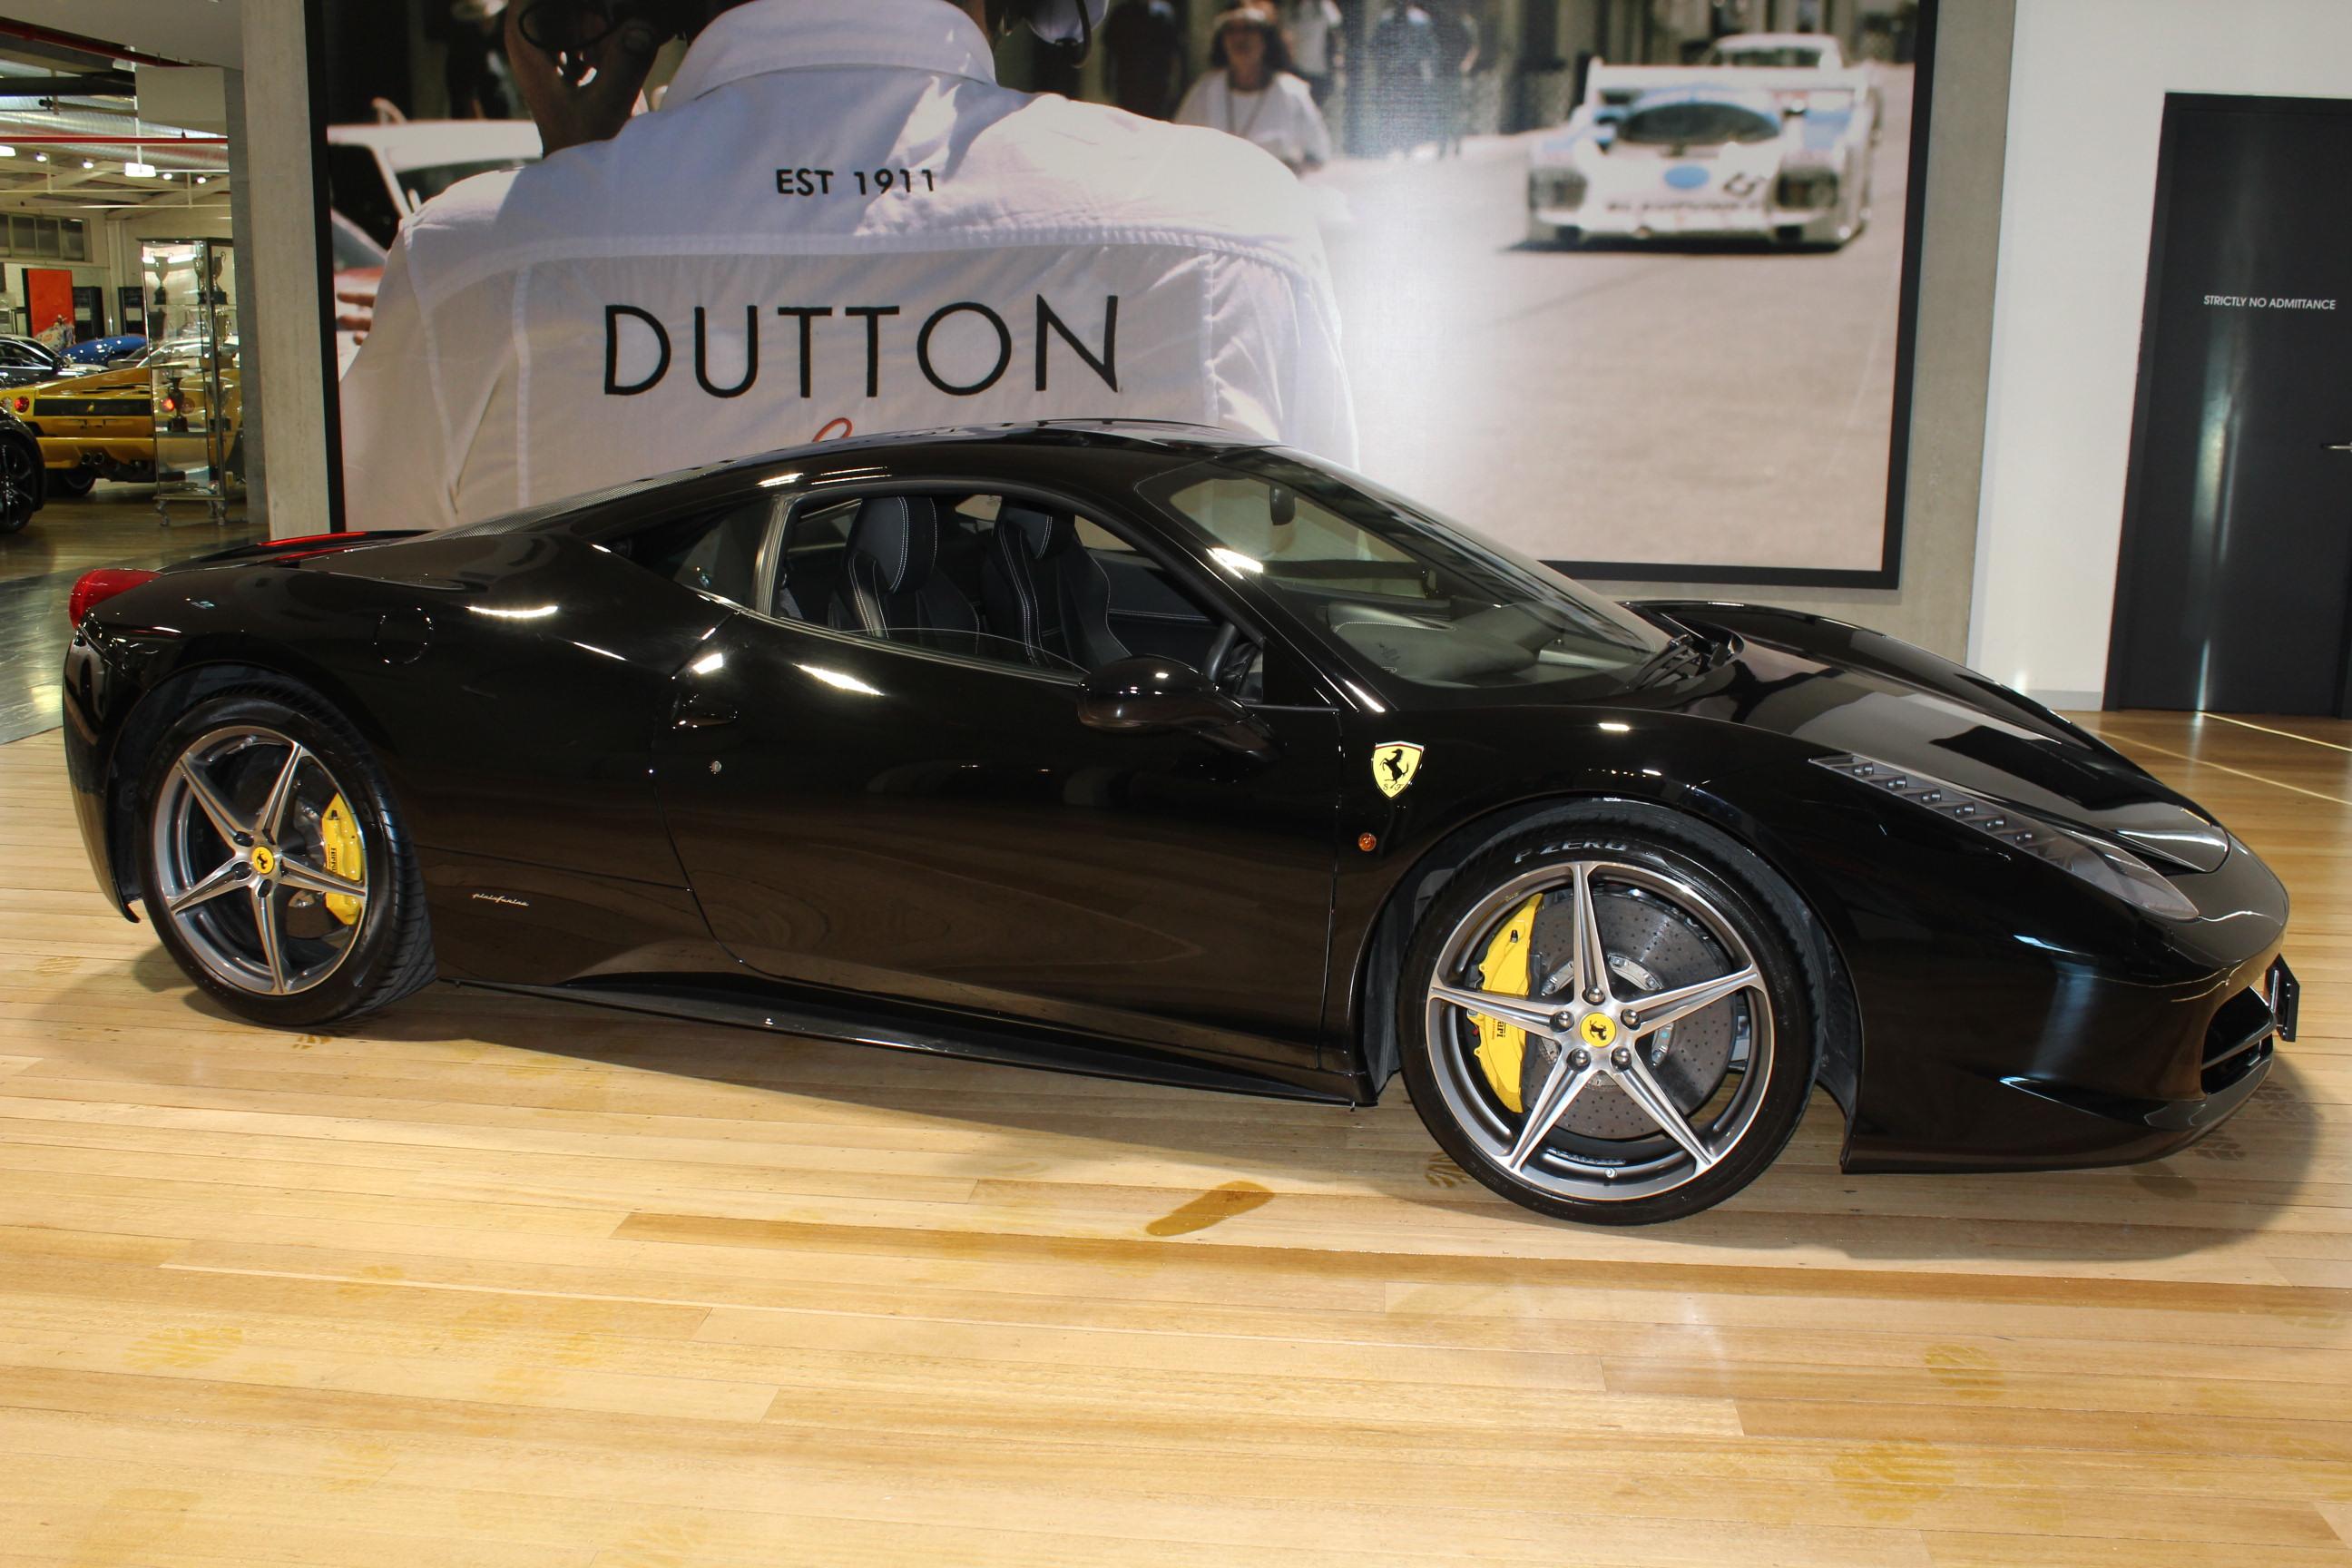 Dutton Garage